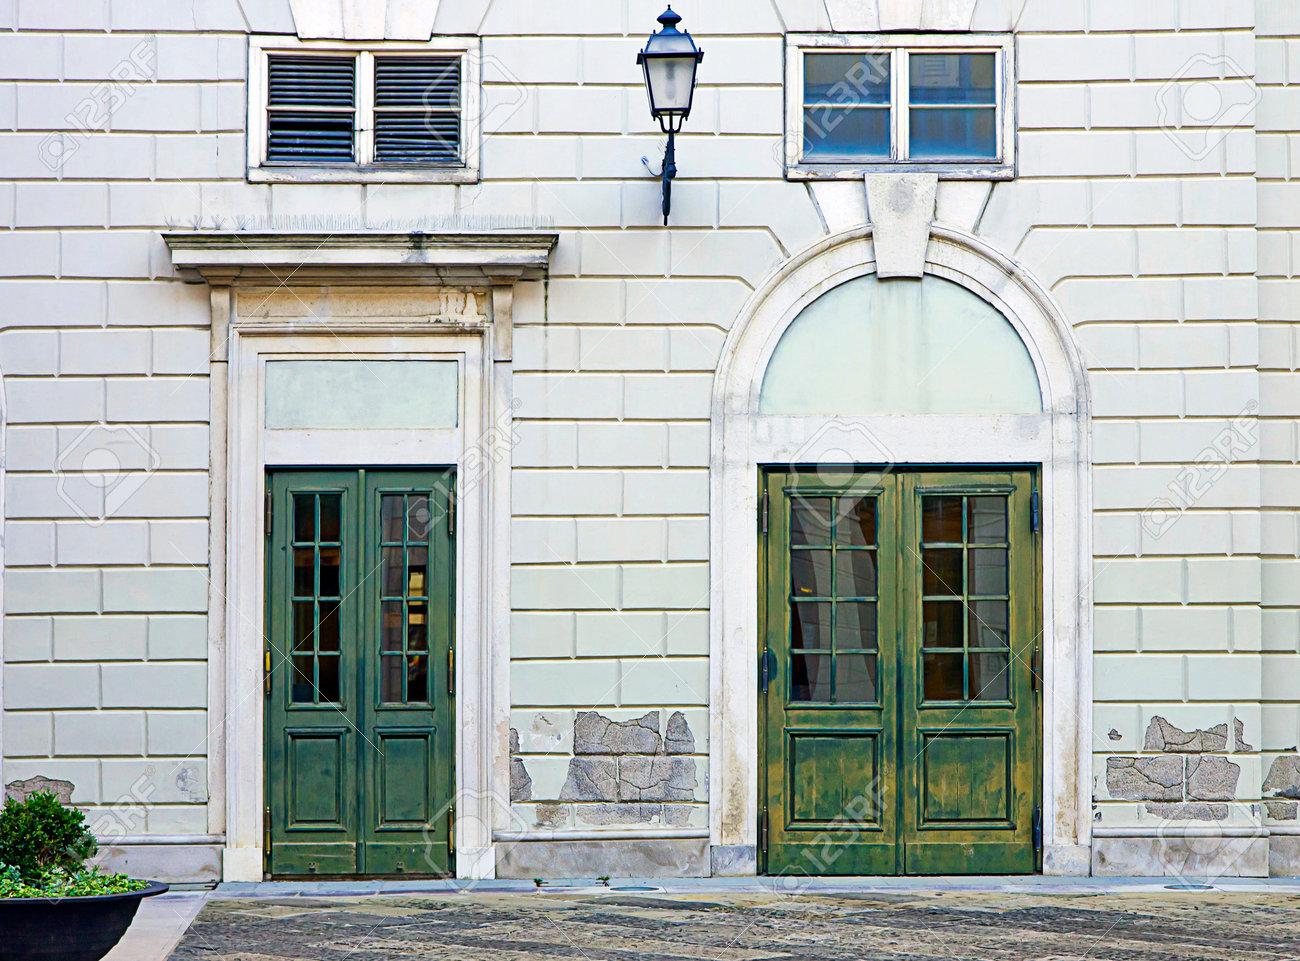 Elegante Y Clásica Fachada Del Edificio Con Dos Puertas Pintadas De ...